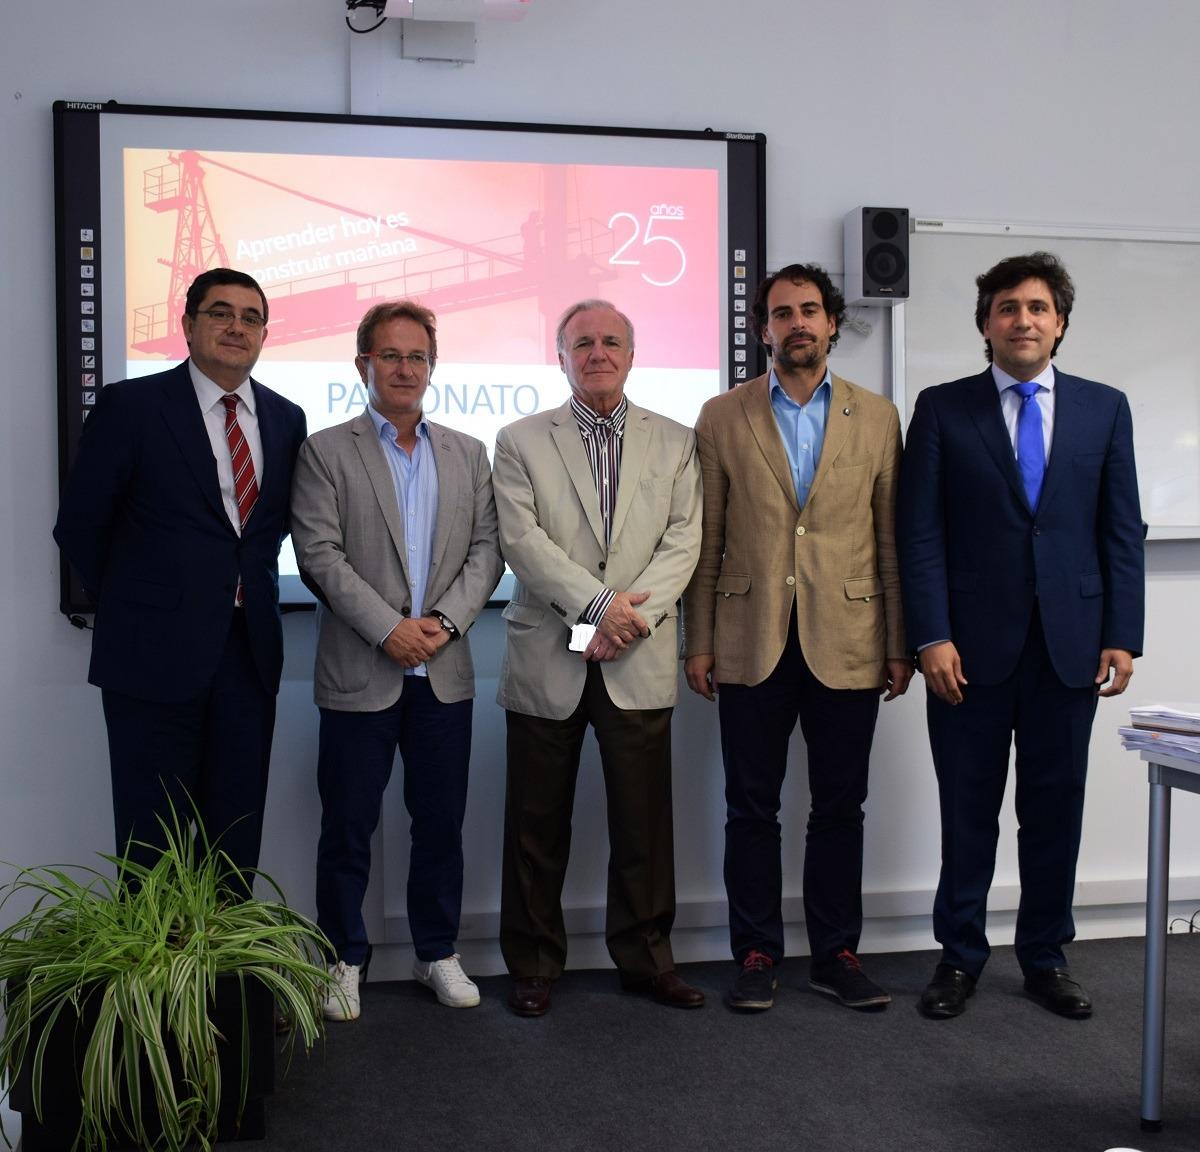 Enrique Corral, Pedro Hojas, Juan Lazcano, Vicente Sánchez y Pedro Fernánez